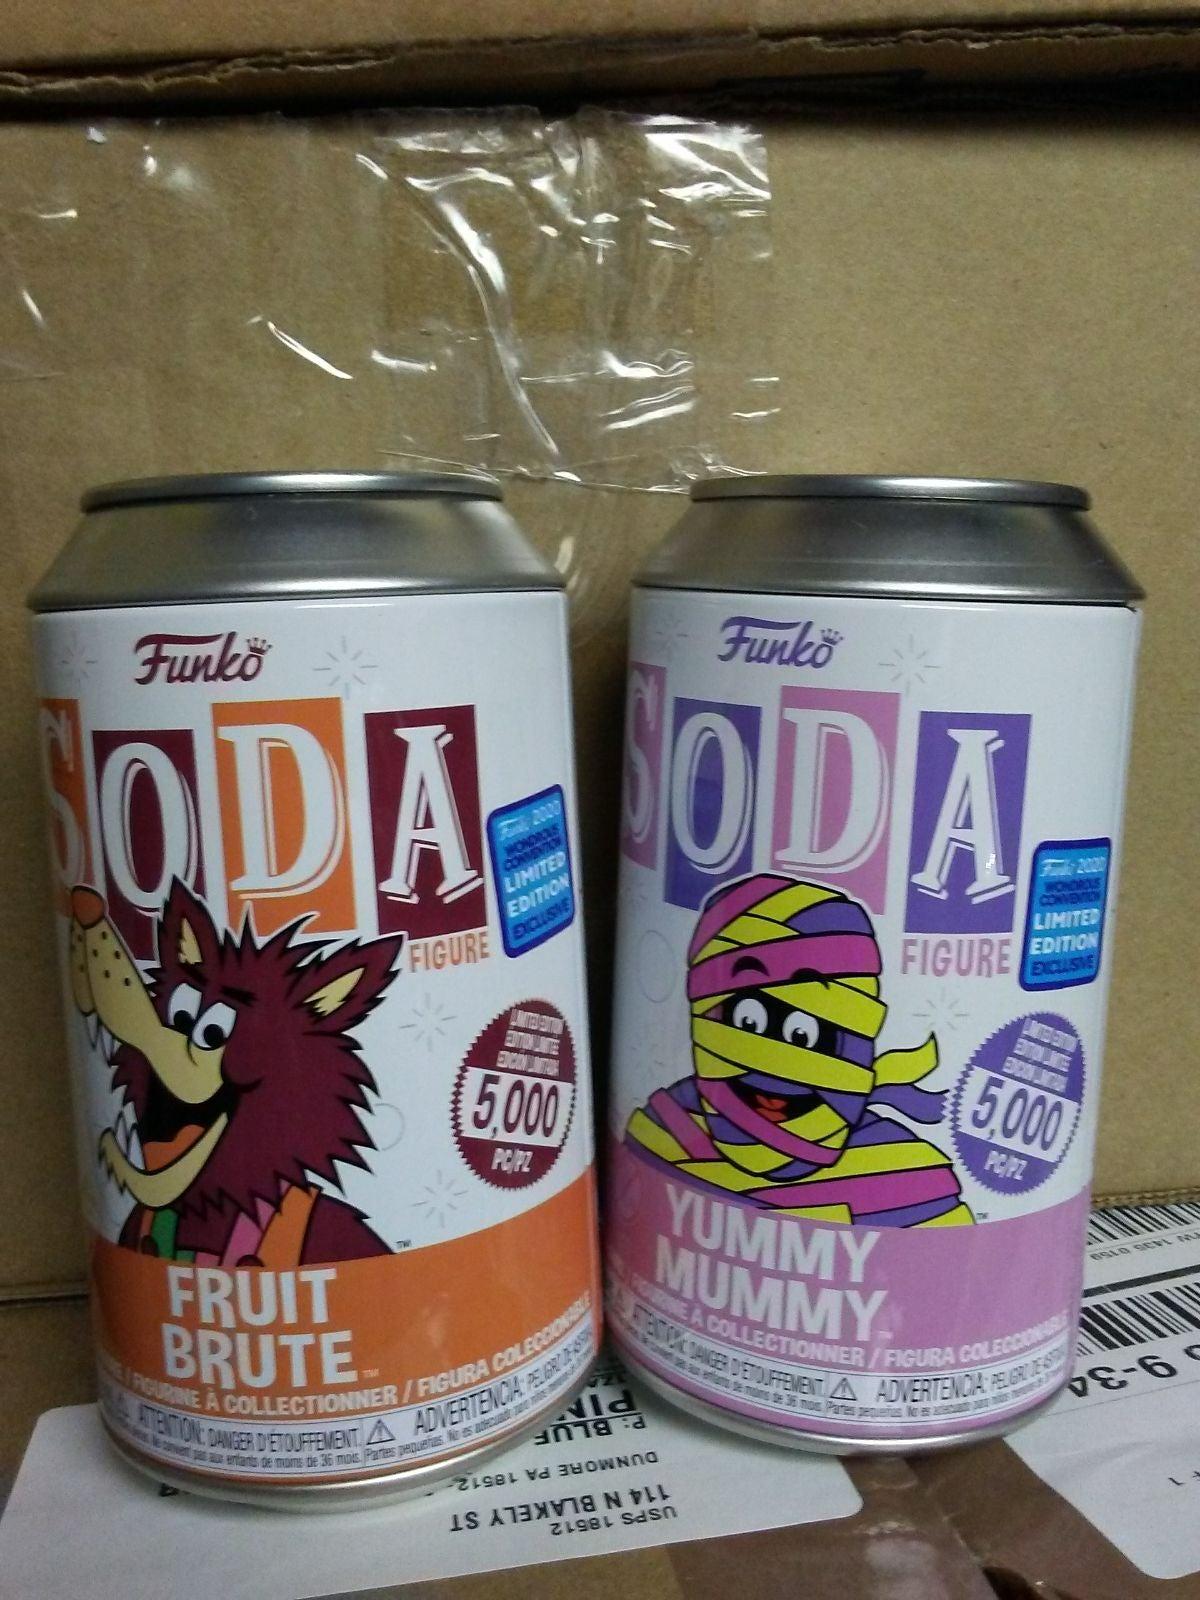 Funko Soda fruit brute and yummy mummy